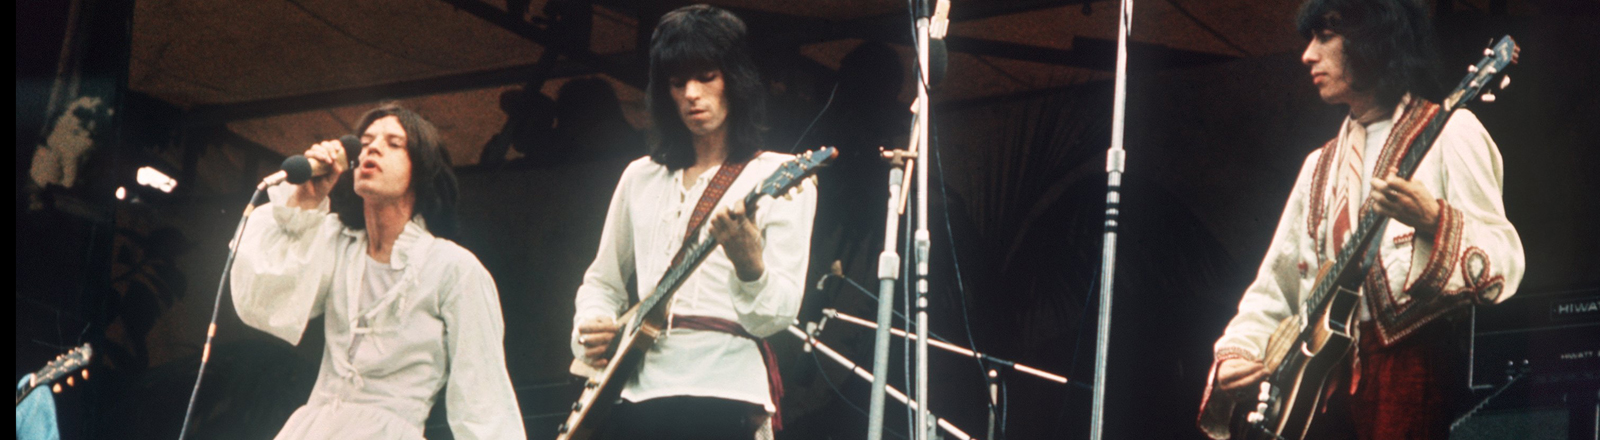 The Rolling Stones: Mick Jagger, Keith Richards, Charlie Watts und Bill Wyman während ihres Auftritts auf der Bühne im Londoner Hyde Park am 7. Juli 1969.